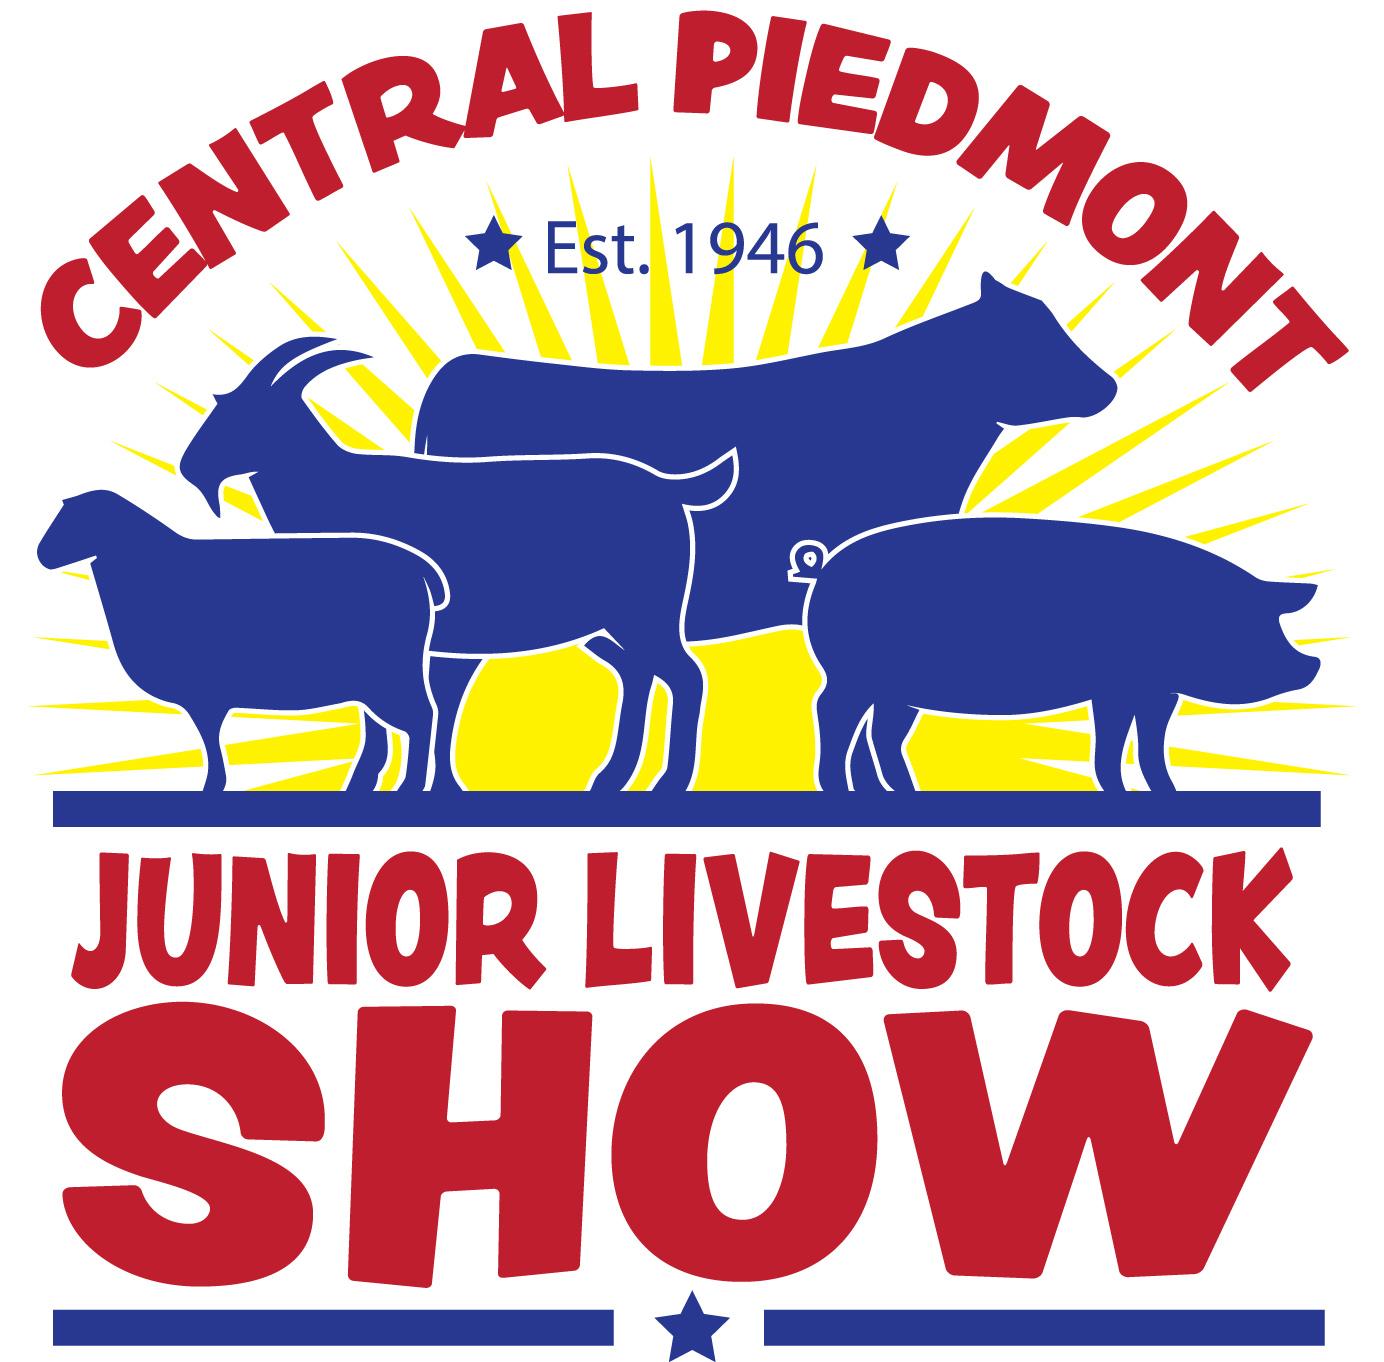 Junior Livestock Show logo image